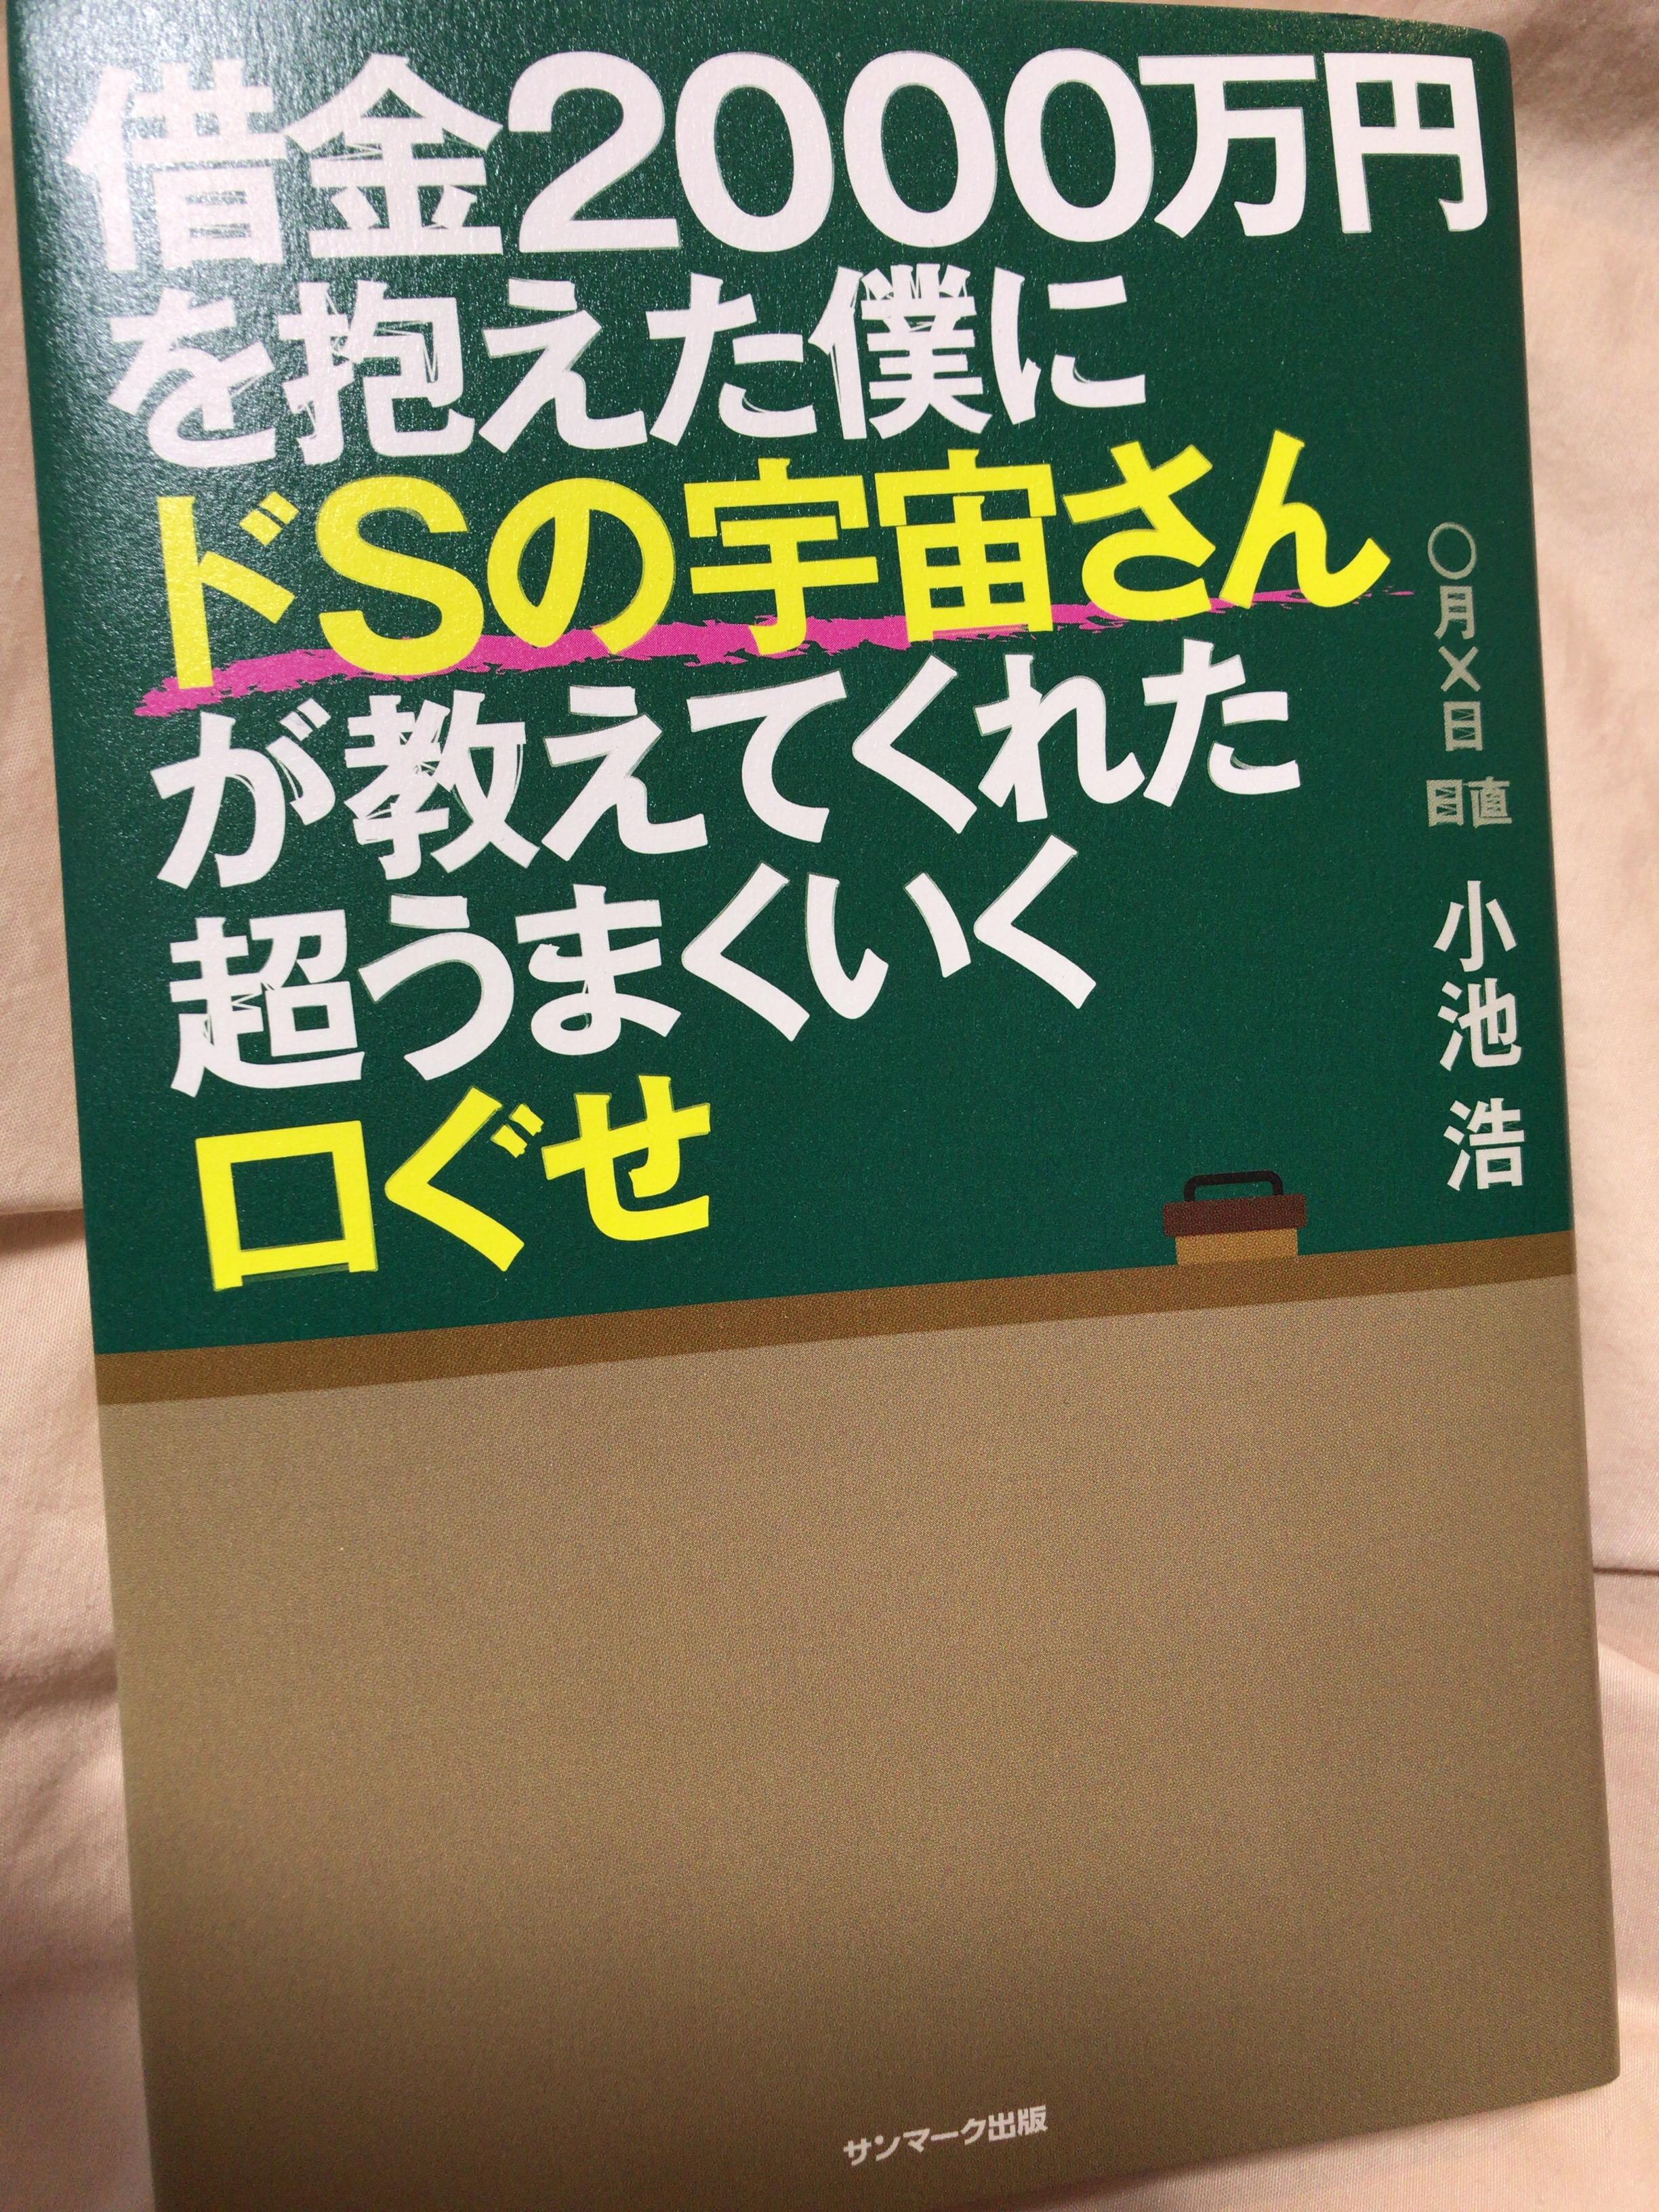 【本】借金2000万円を抱えた僕にドSの宇宙さんが教えてくれた超うまくいく口ぐせ